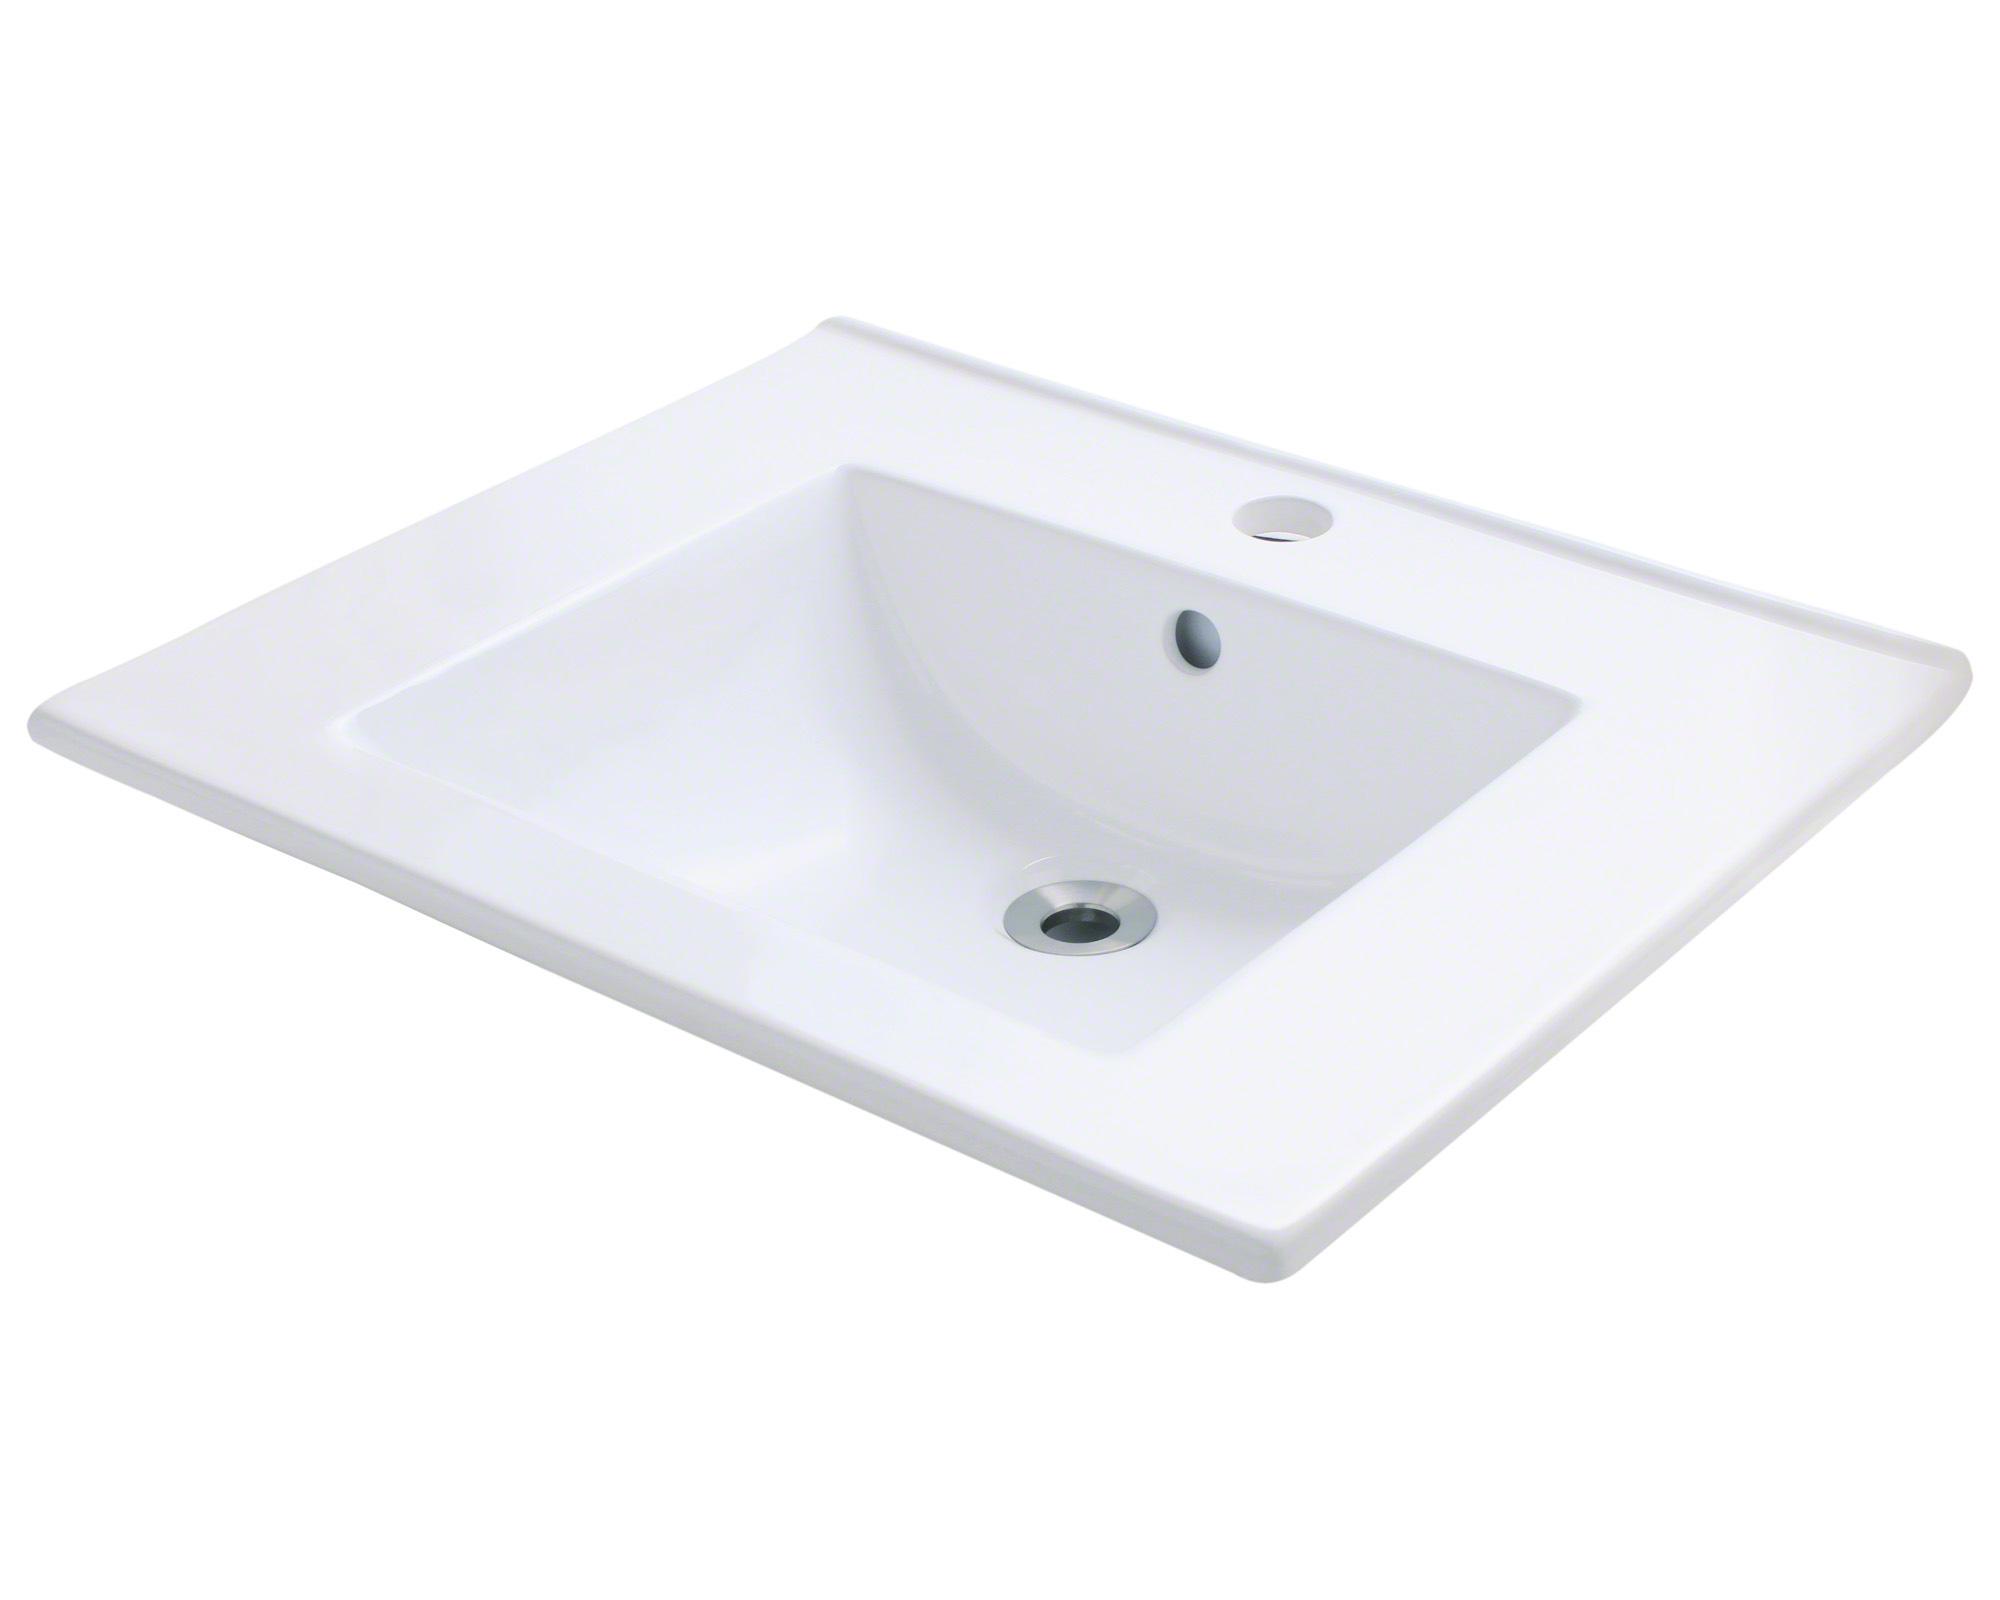 P013VW Porcelain Vessel Sink